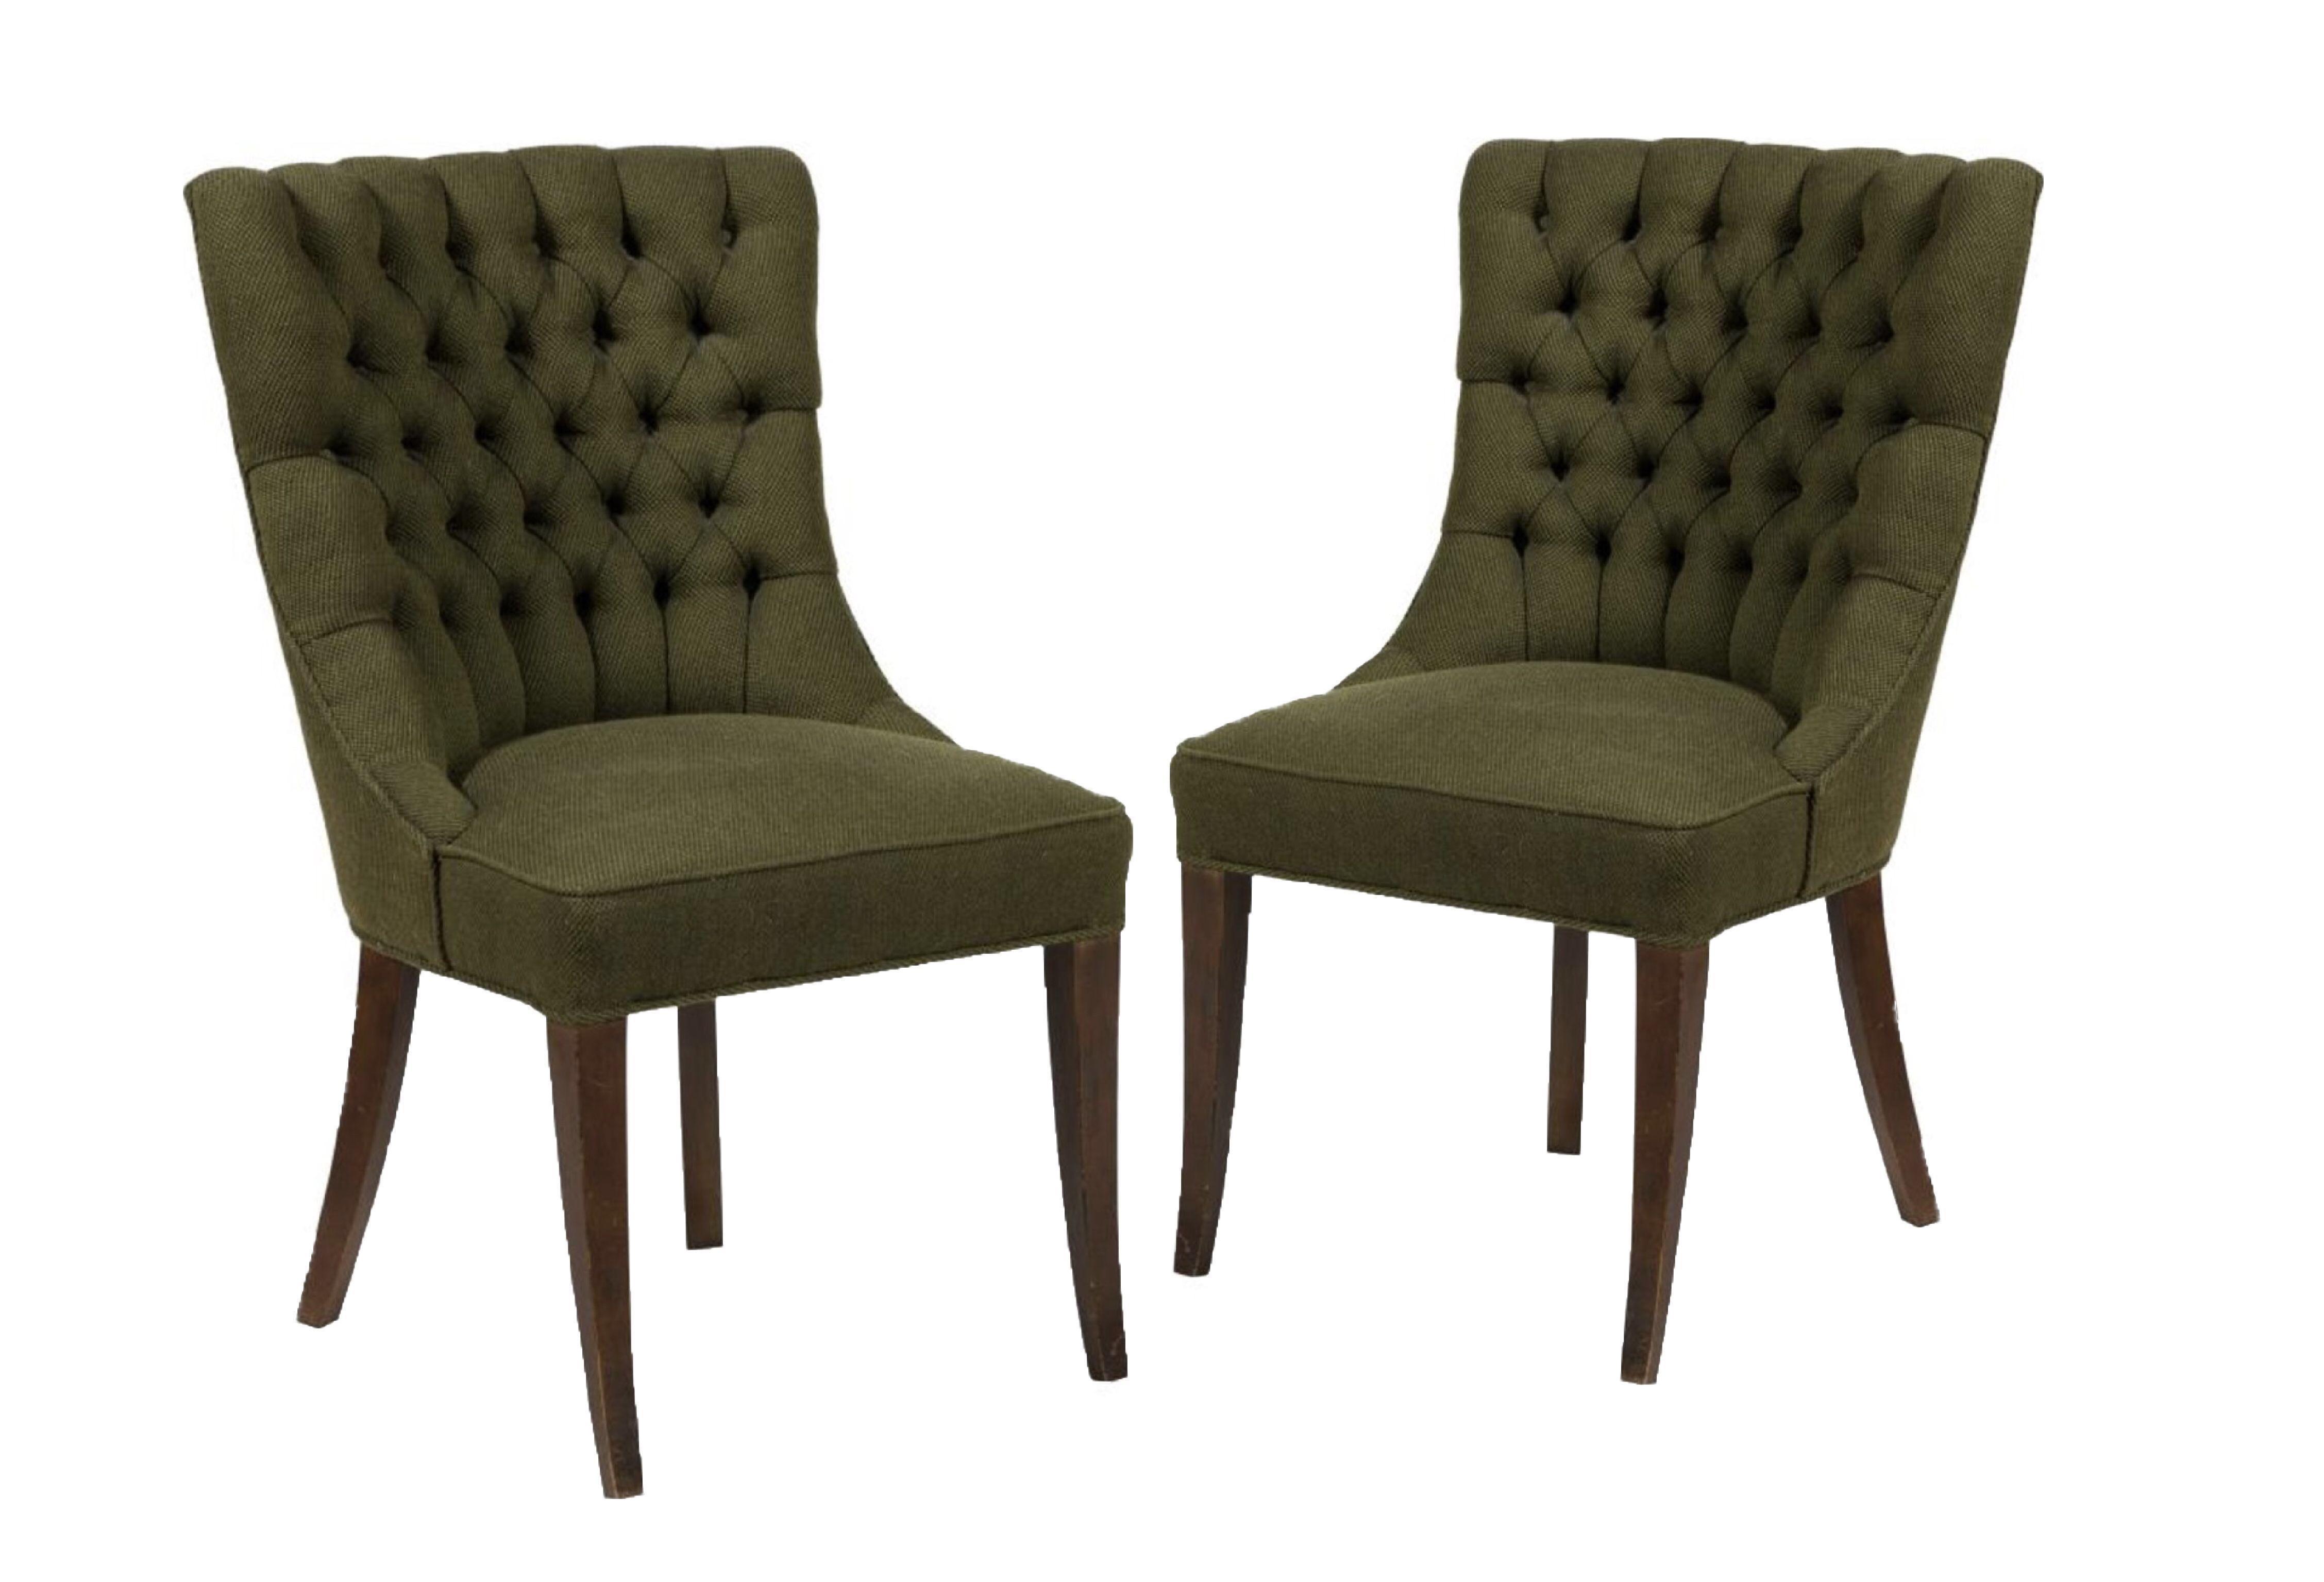 Merveilleux John Stuart Tufted High Back Chair